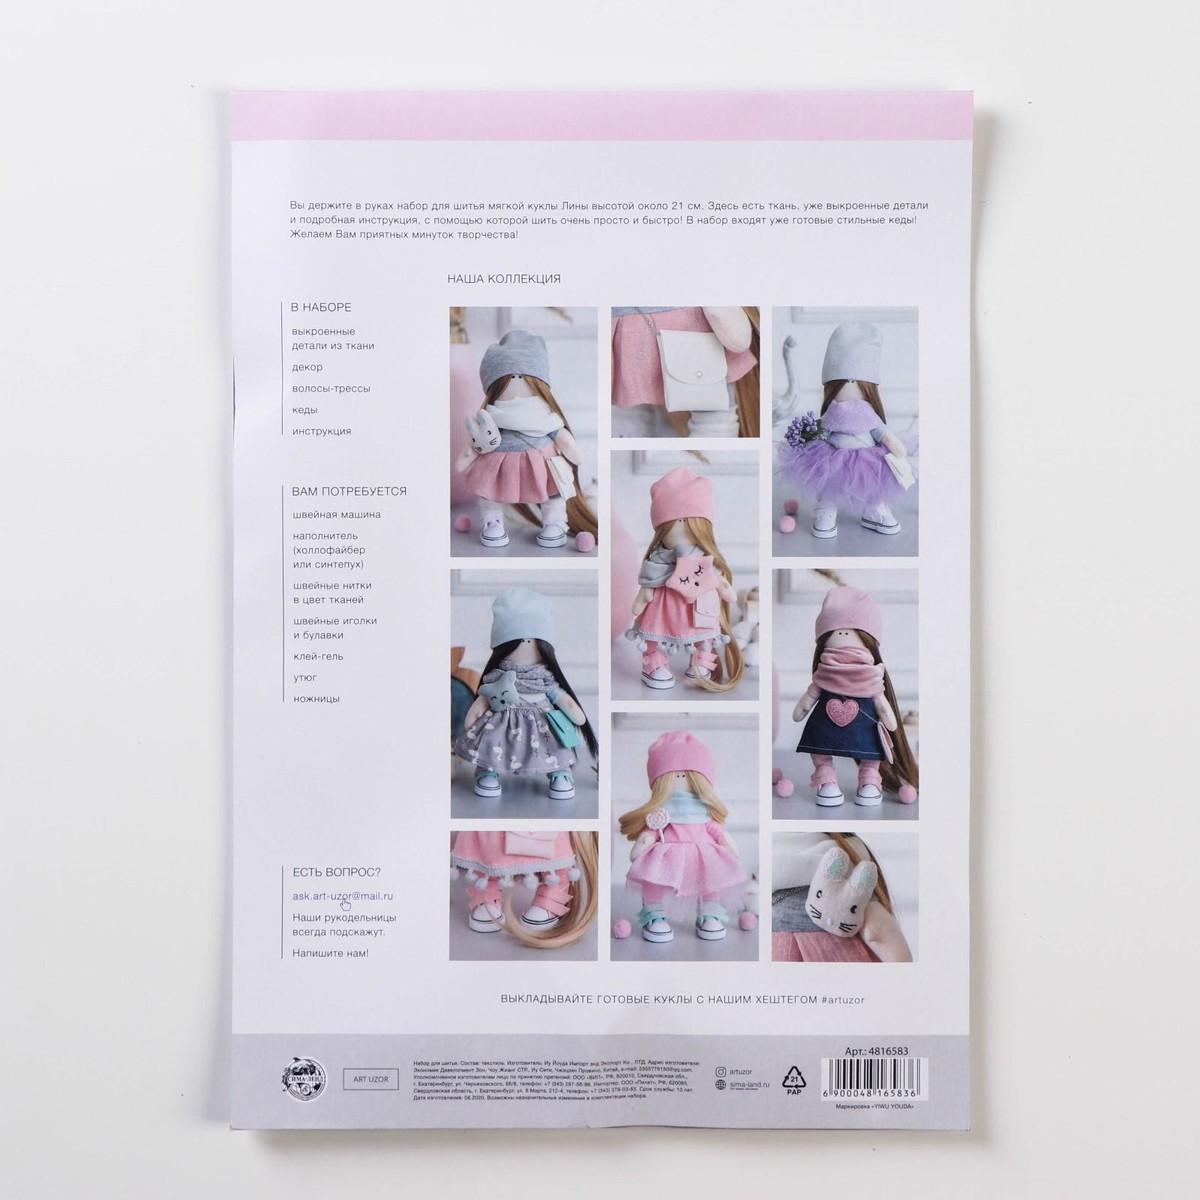 4816583 Мягкая кукла Лина, набор для шитья 15,6*22.4*5.2 см